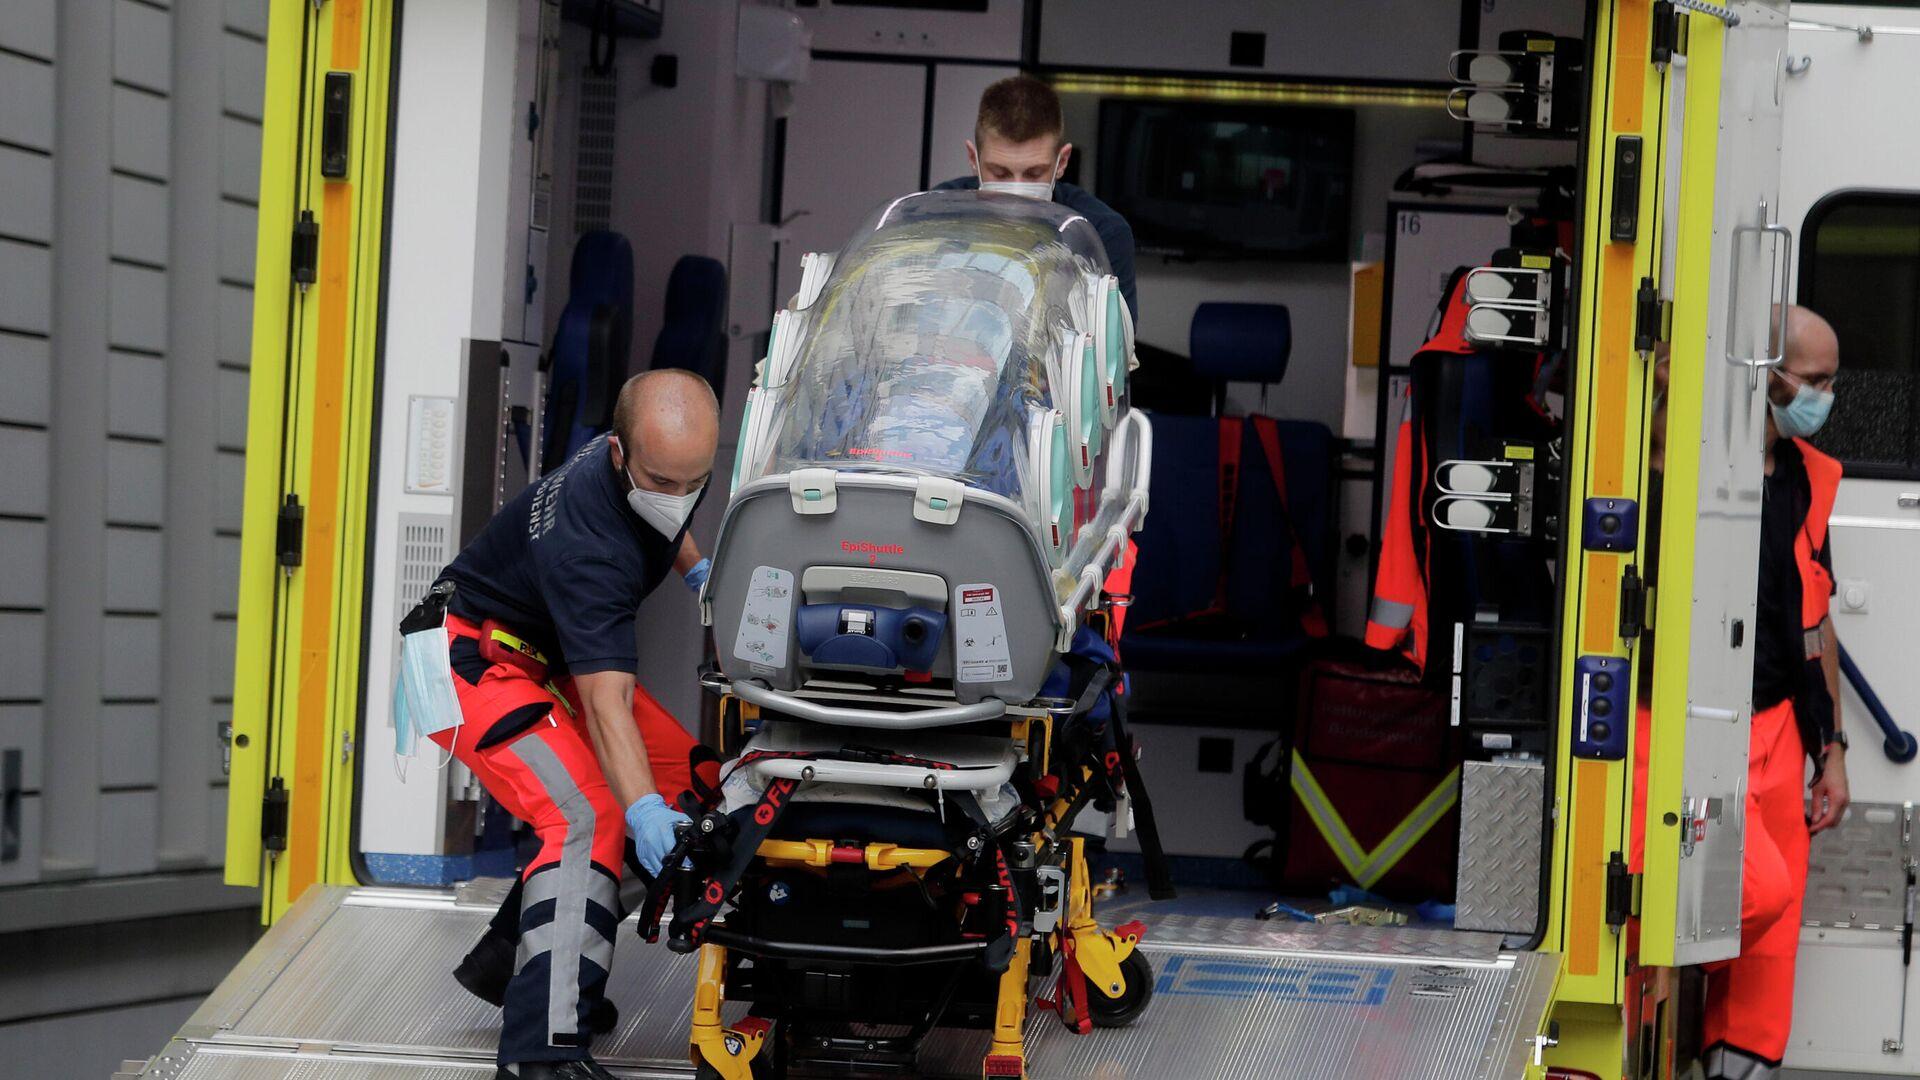 Экипаж скорой помощи, на котором предположительно был доставлен в клинику Шарите в Берлине Алексей Навальный - РИА Новости, 1920, 16.09.2020